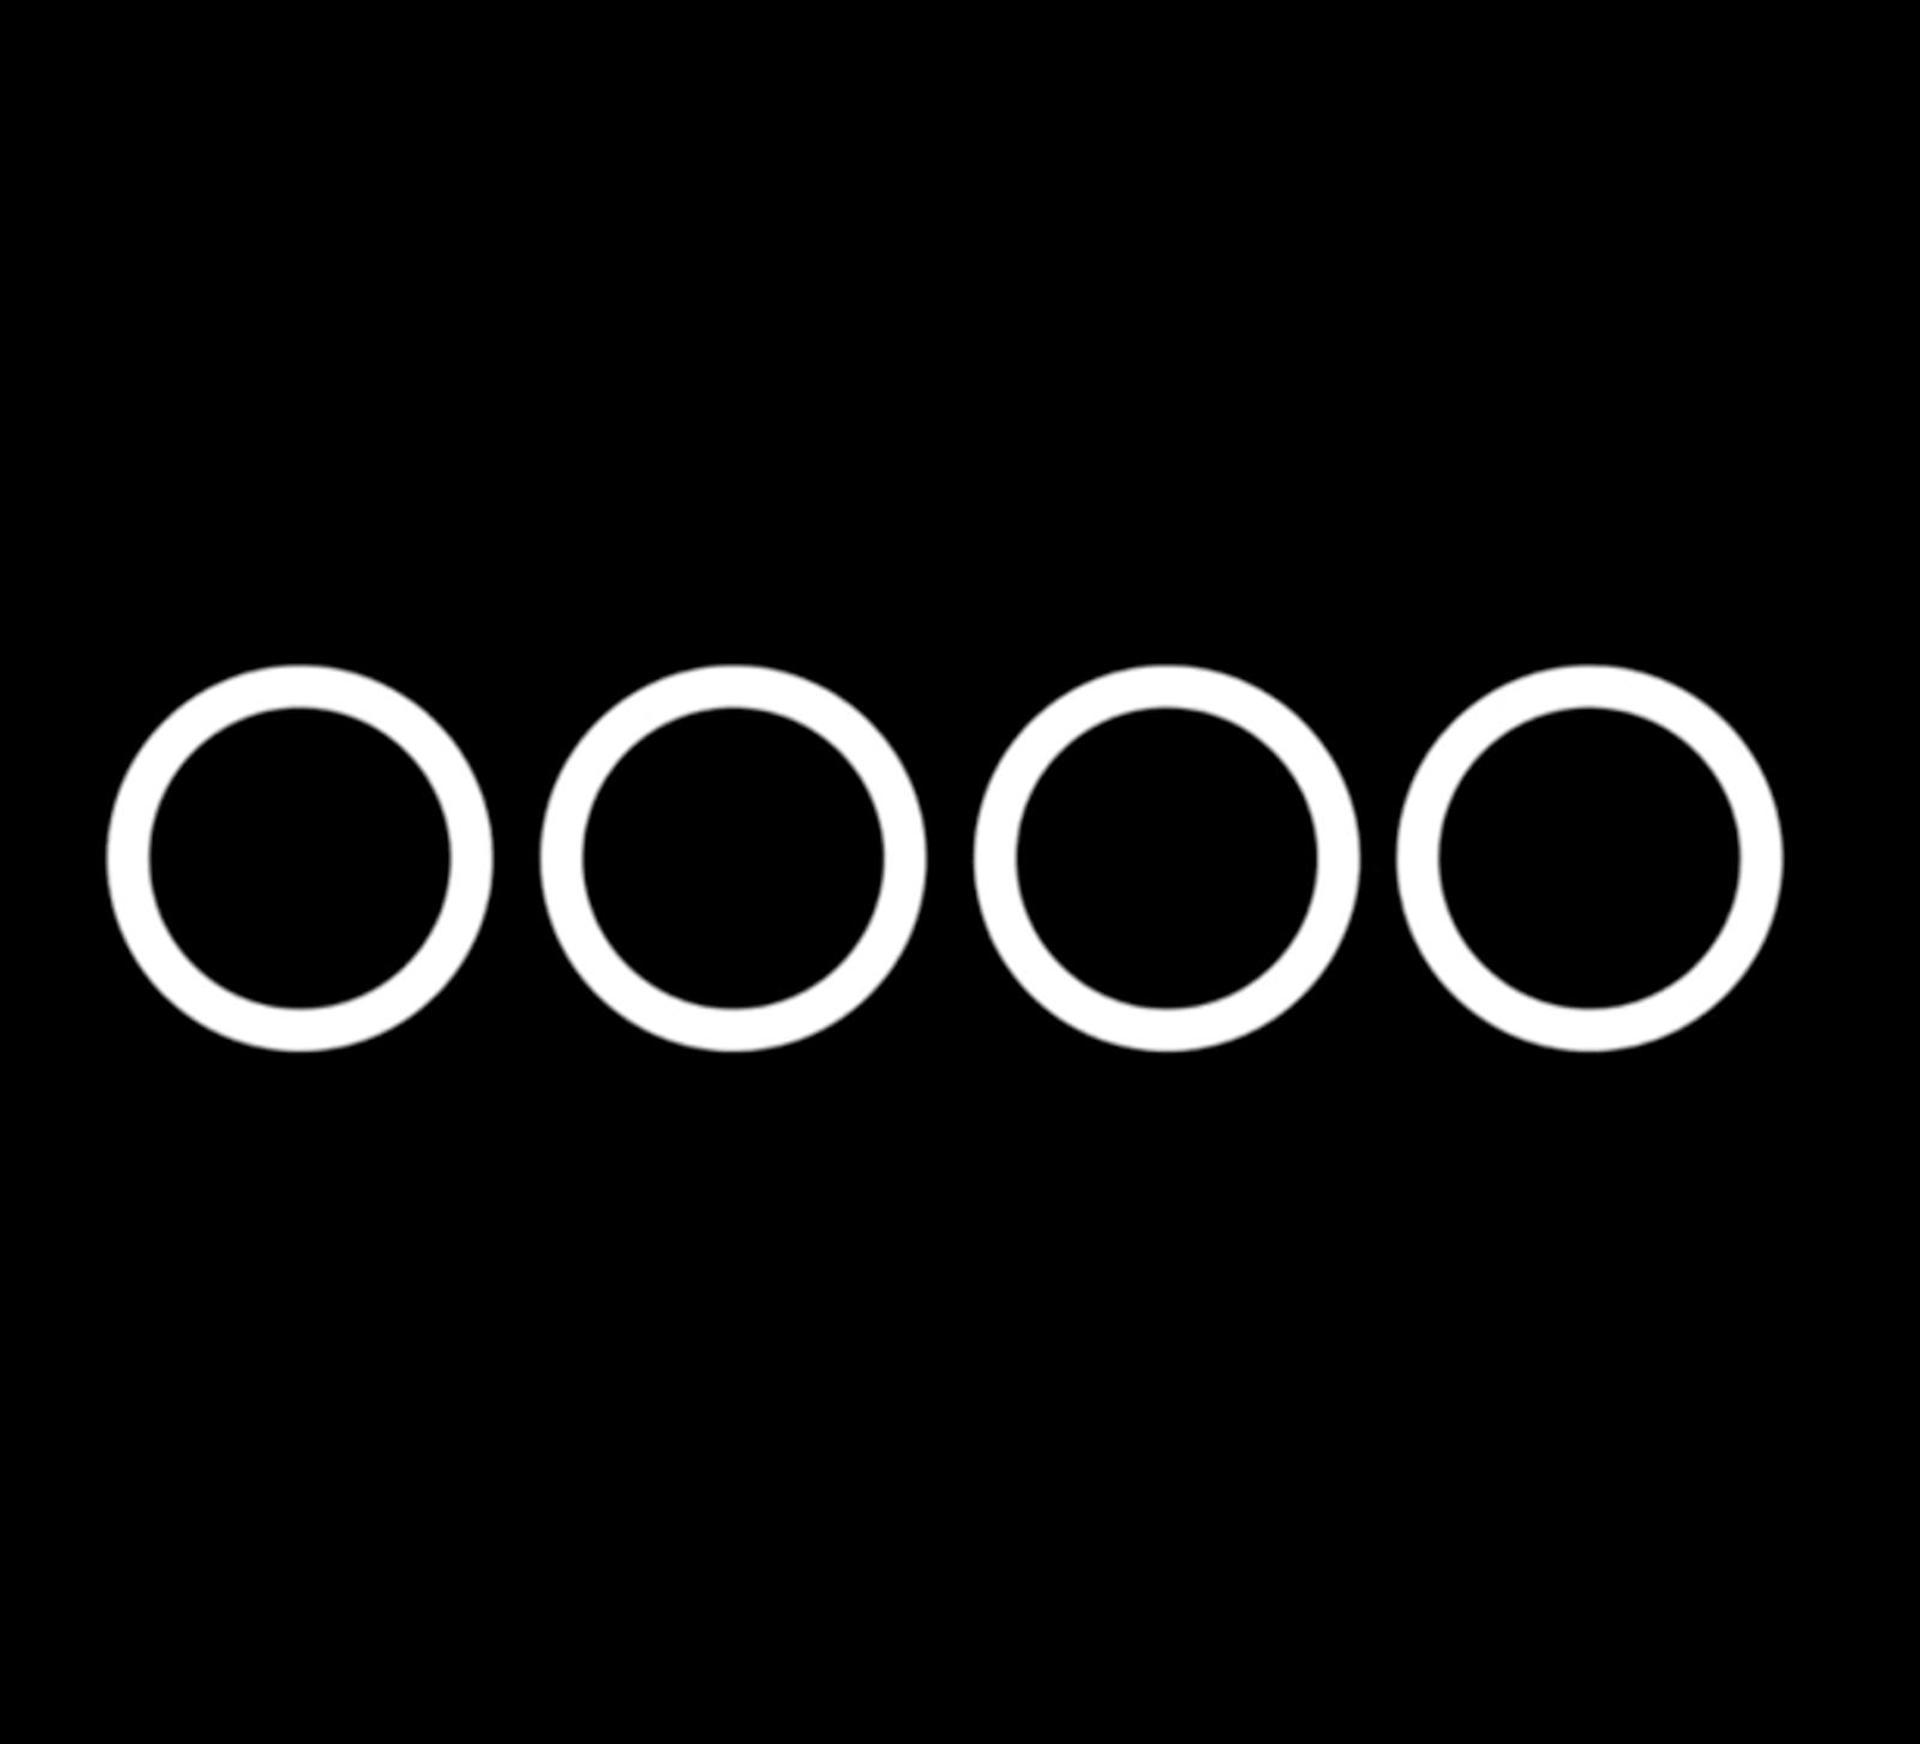 Mercedes Audi Volkswagen Coronavirus 3